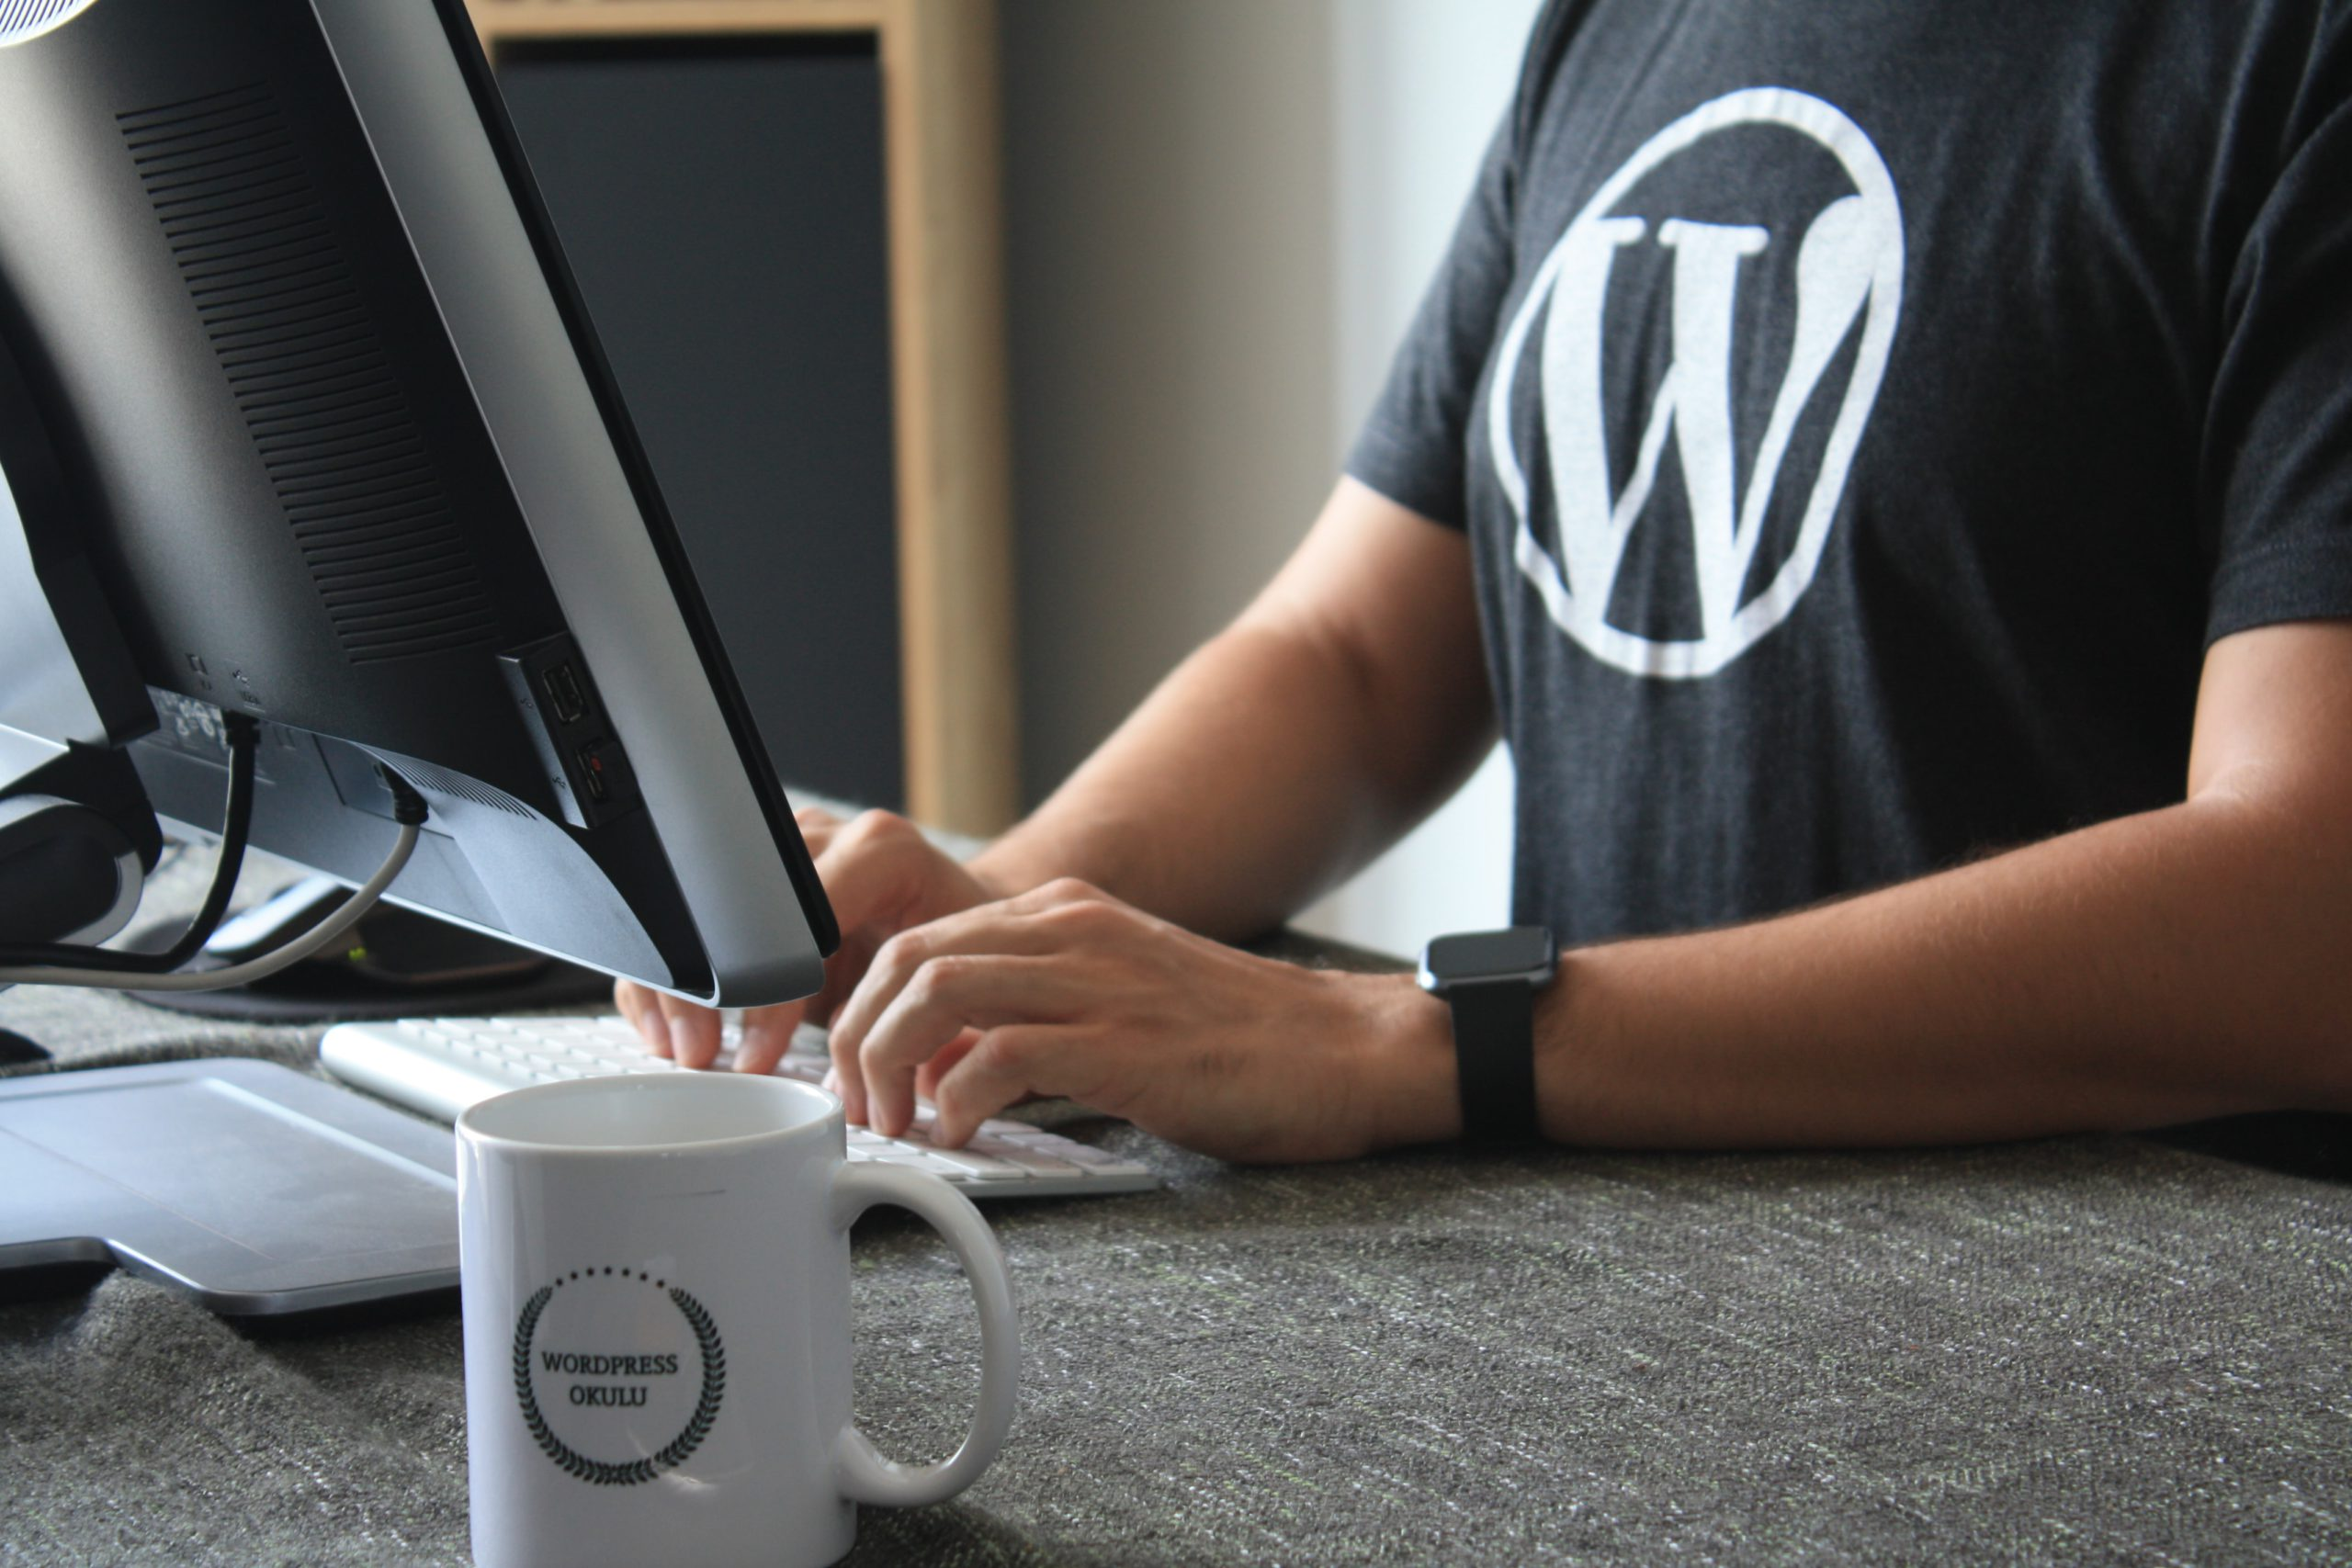 WordPressのロゴTシャツ